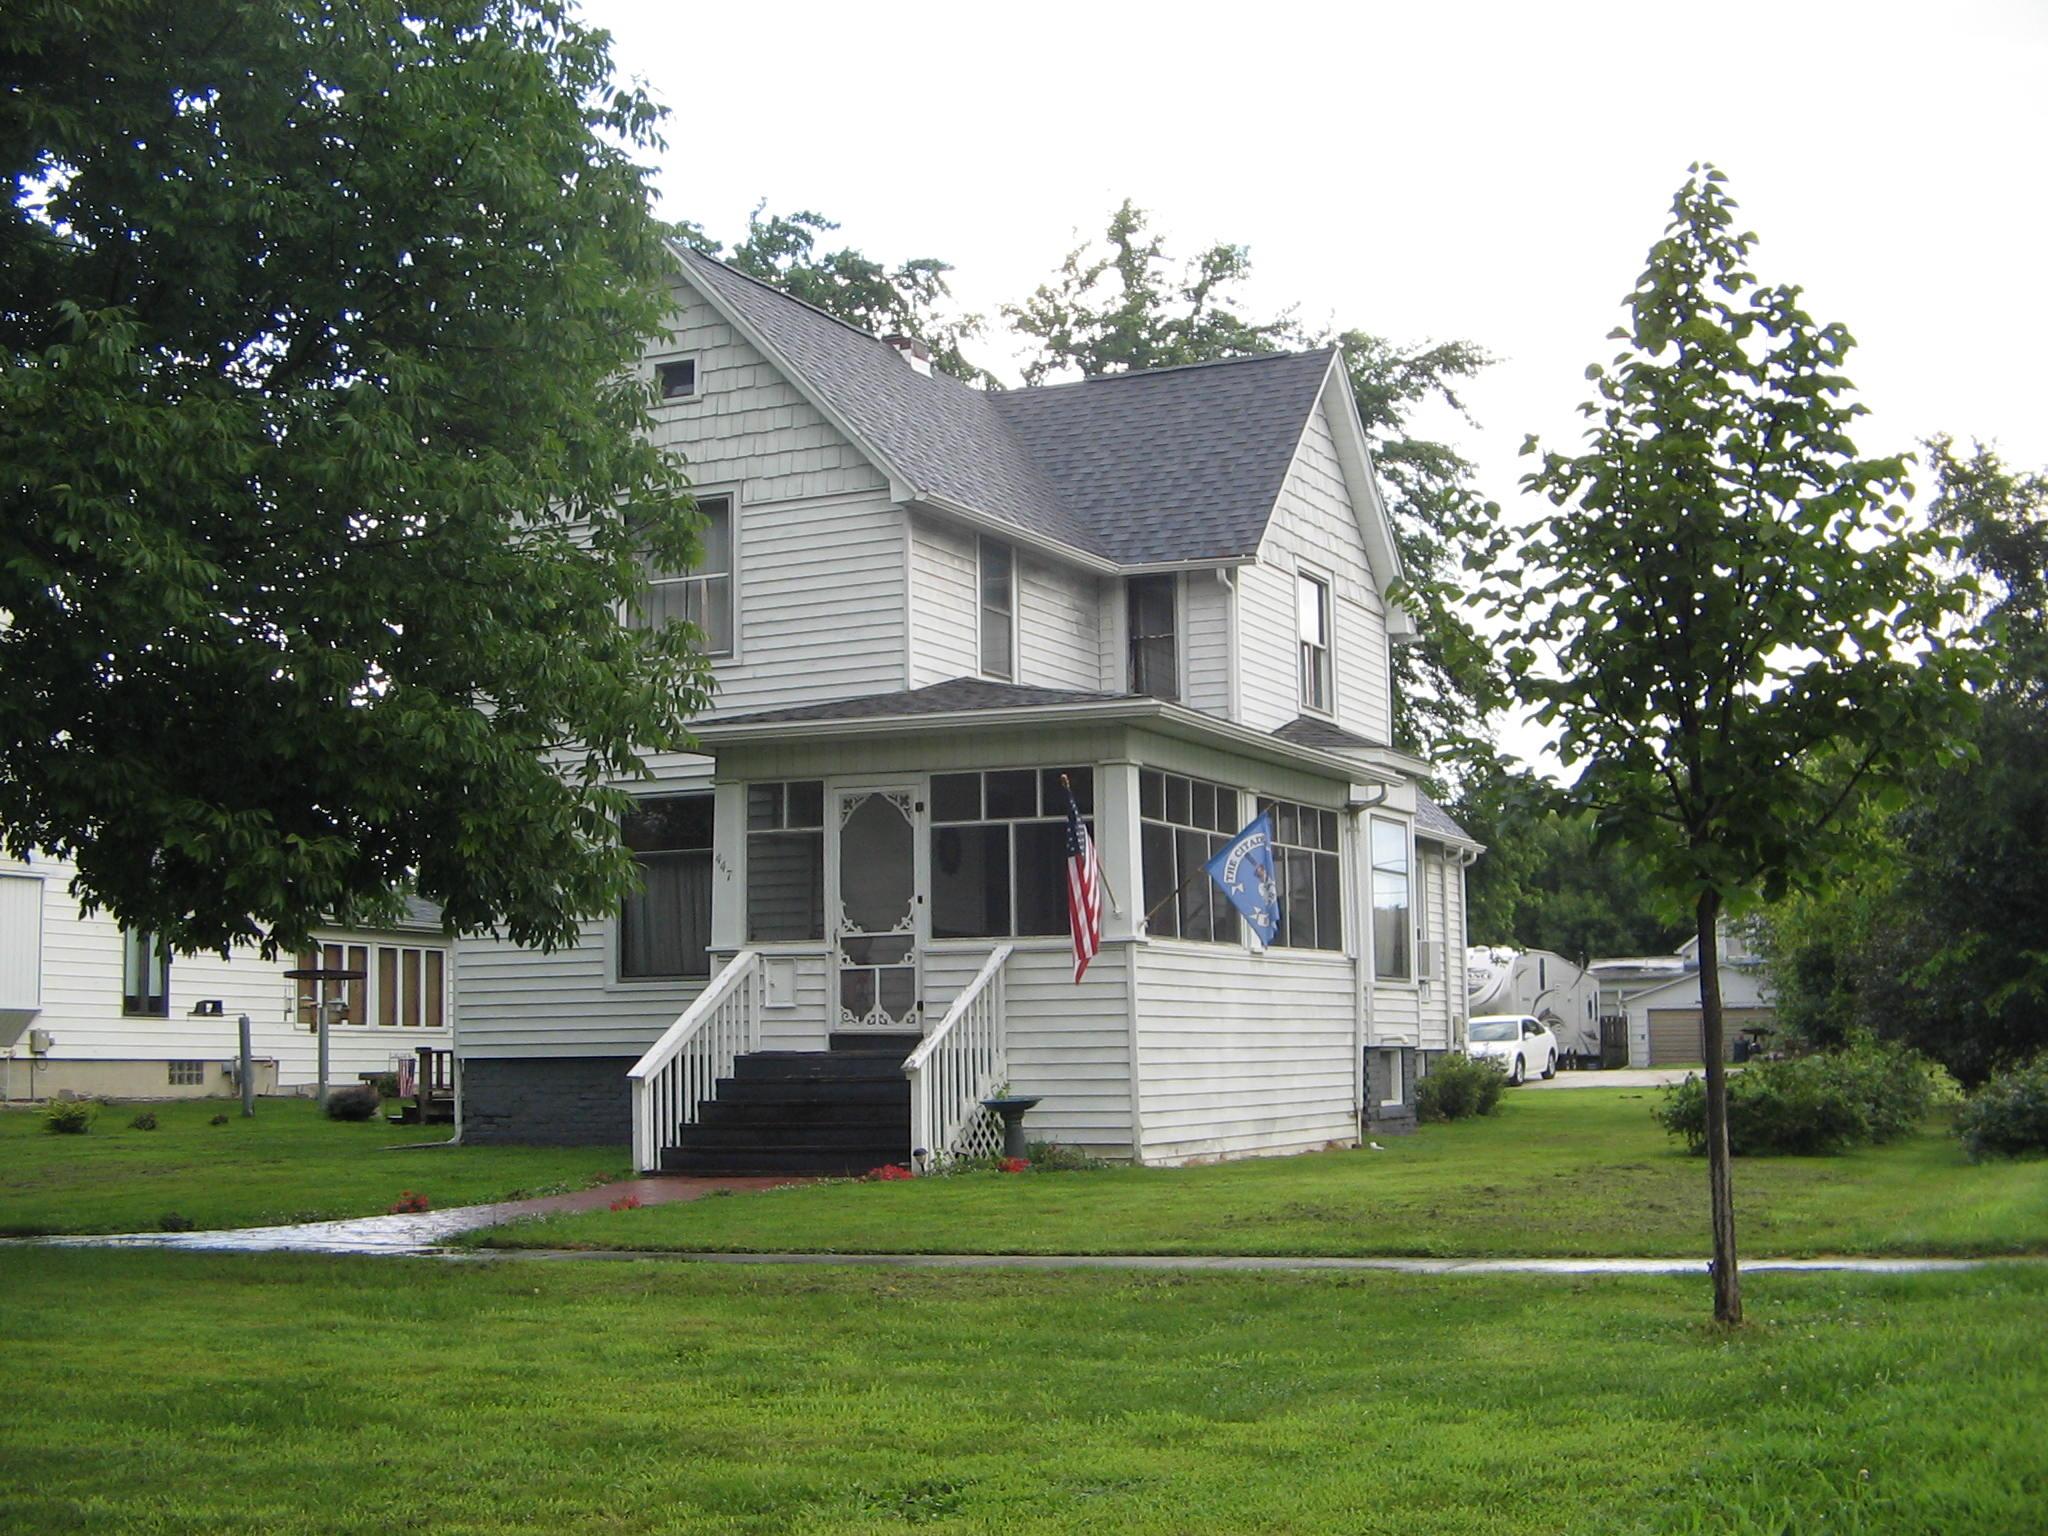 447 E Franklin, Paxton, Illinois 60957